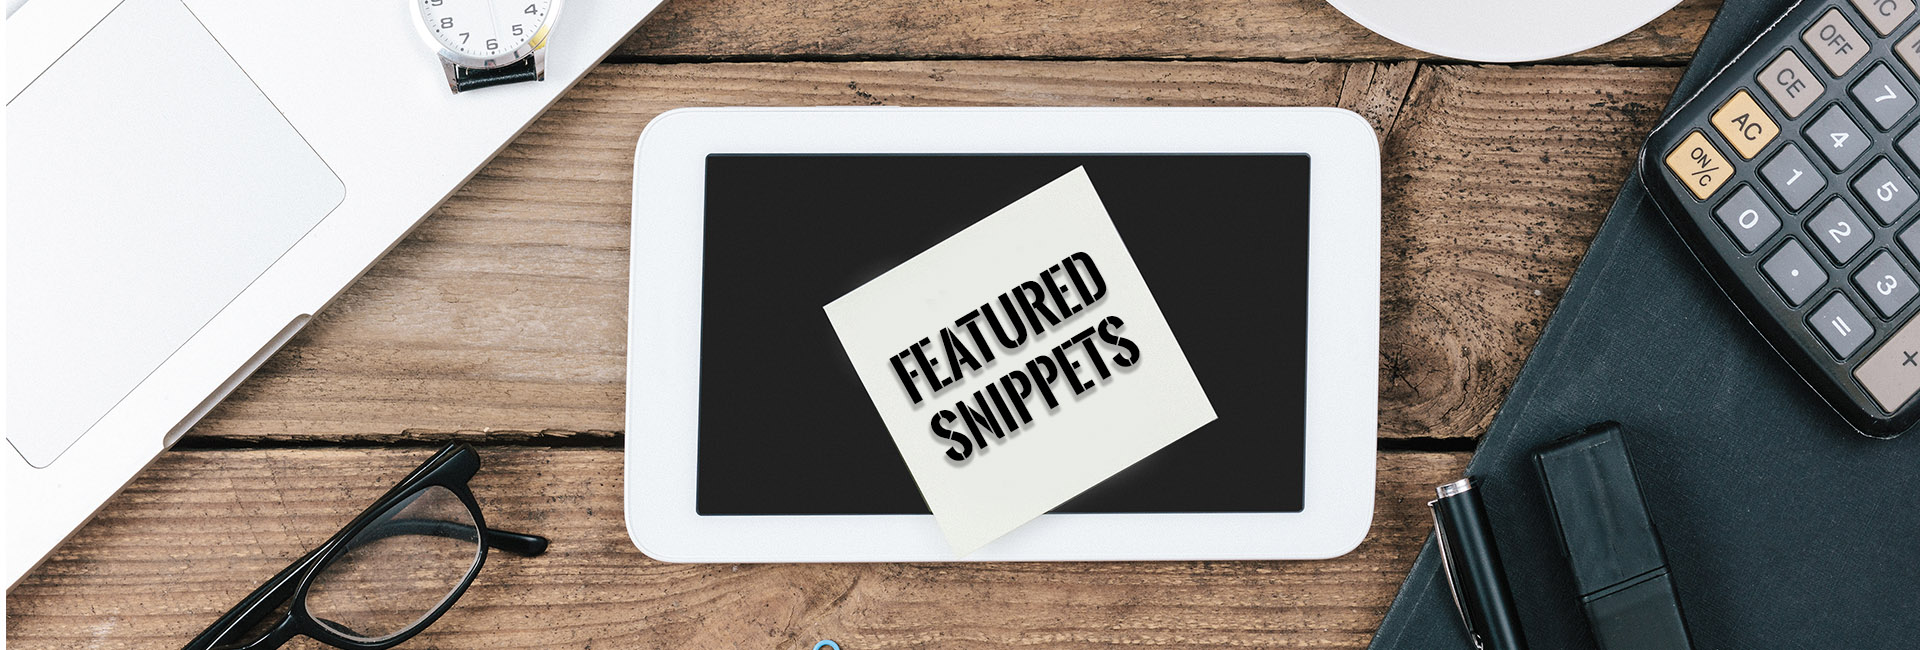 Les featured snippets sont-elles utiles pour|| le référencement ?